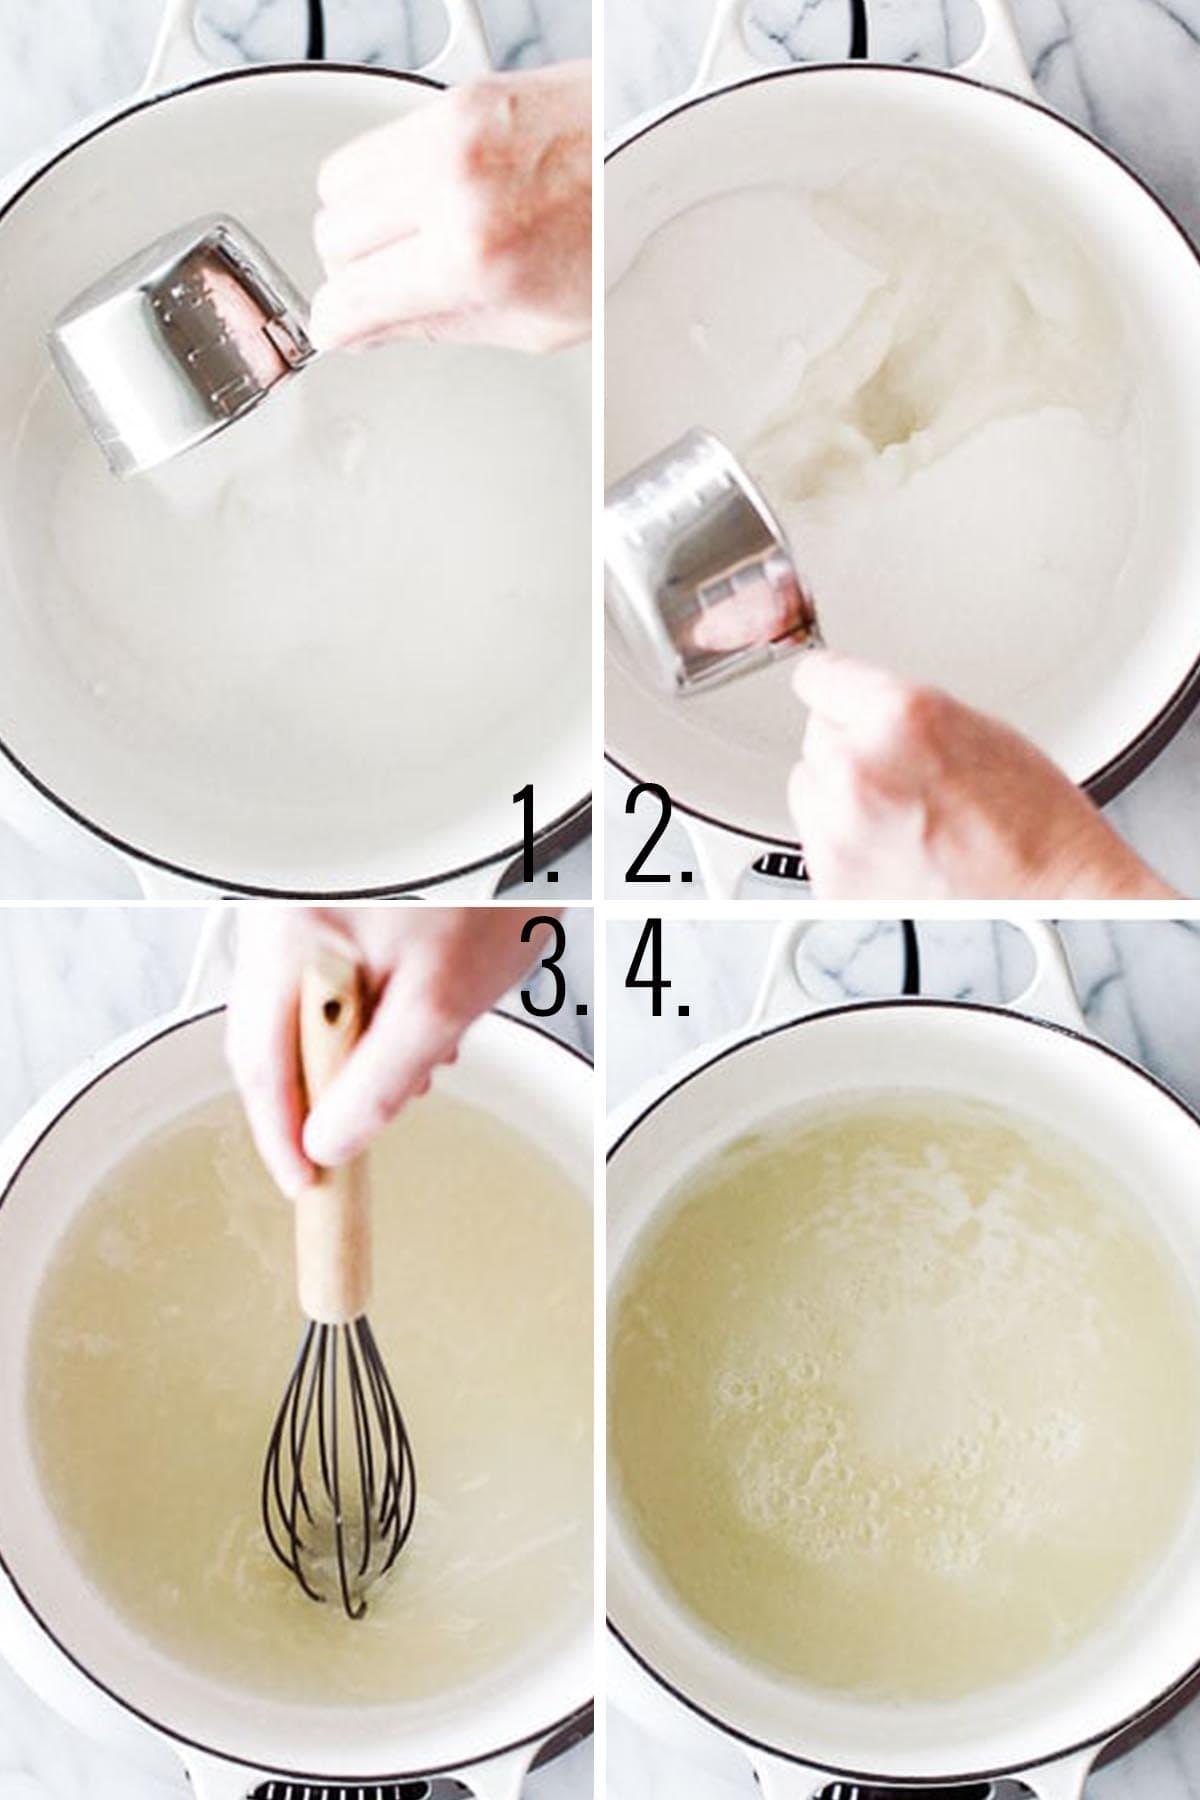 Hot to make caramel - cook sugar.